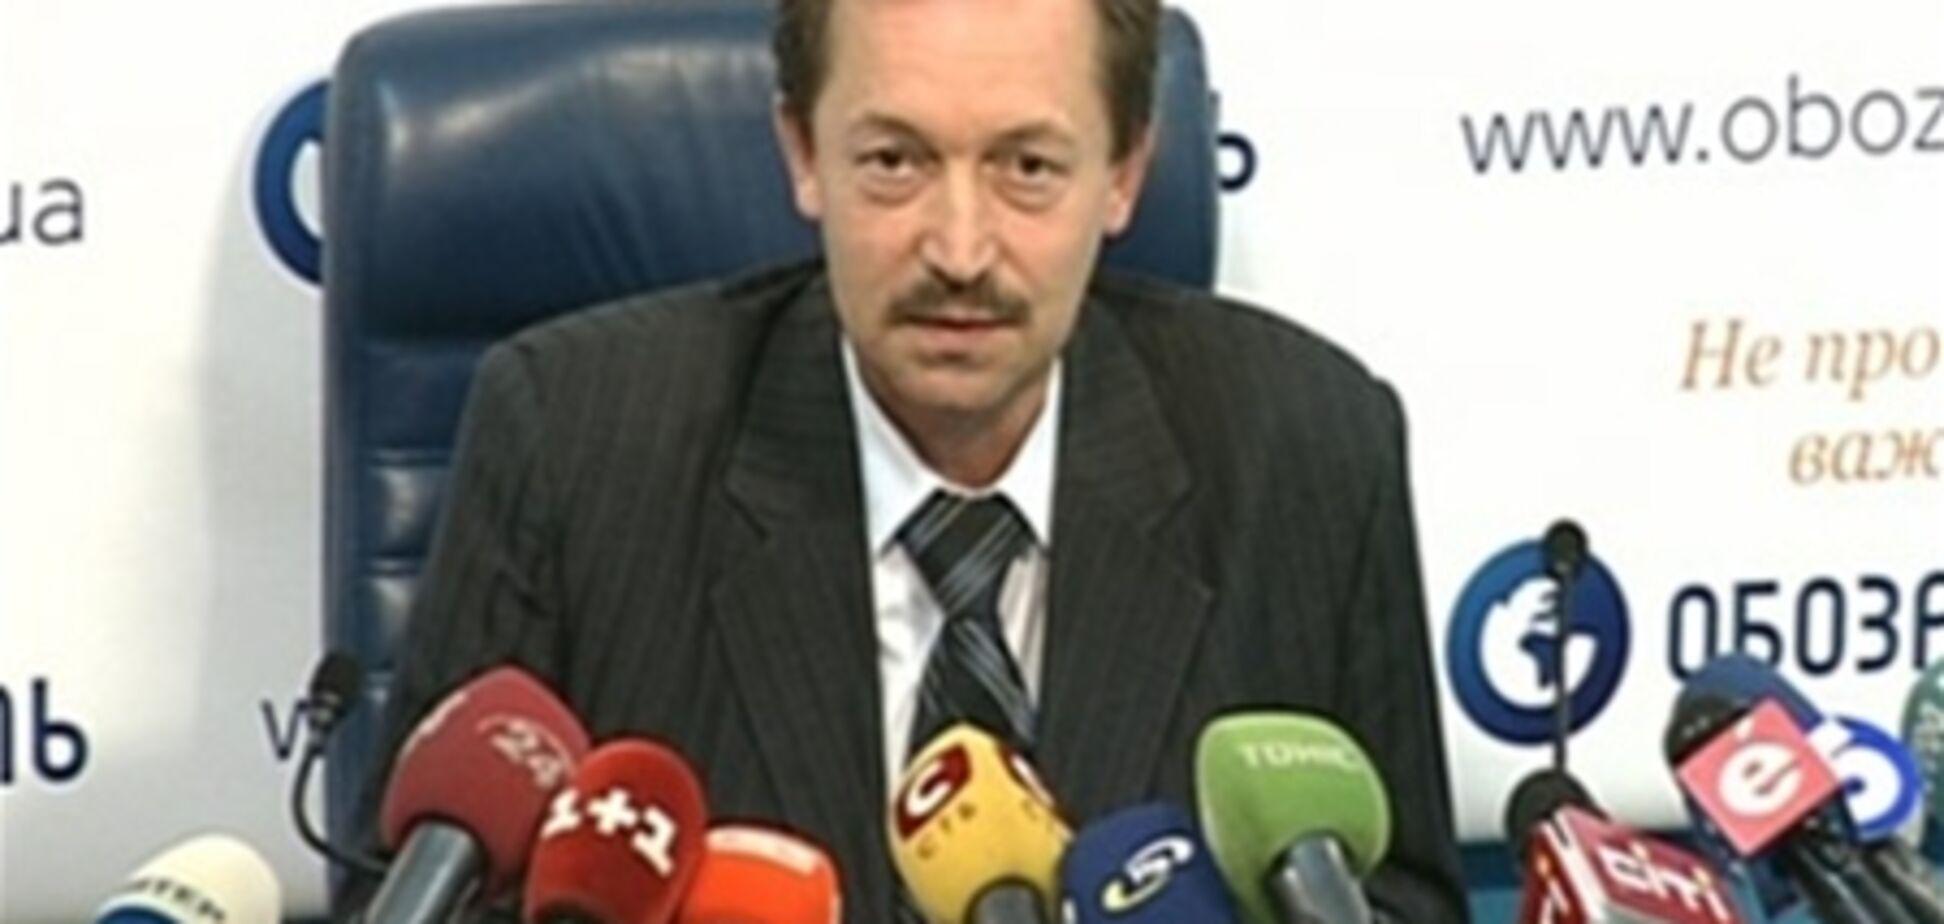 МВД: мобильную связь в Днепропетровске не отключали